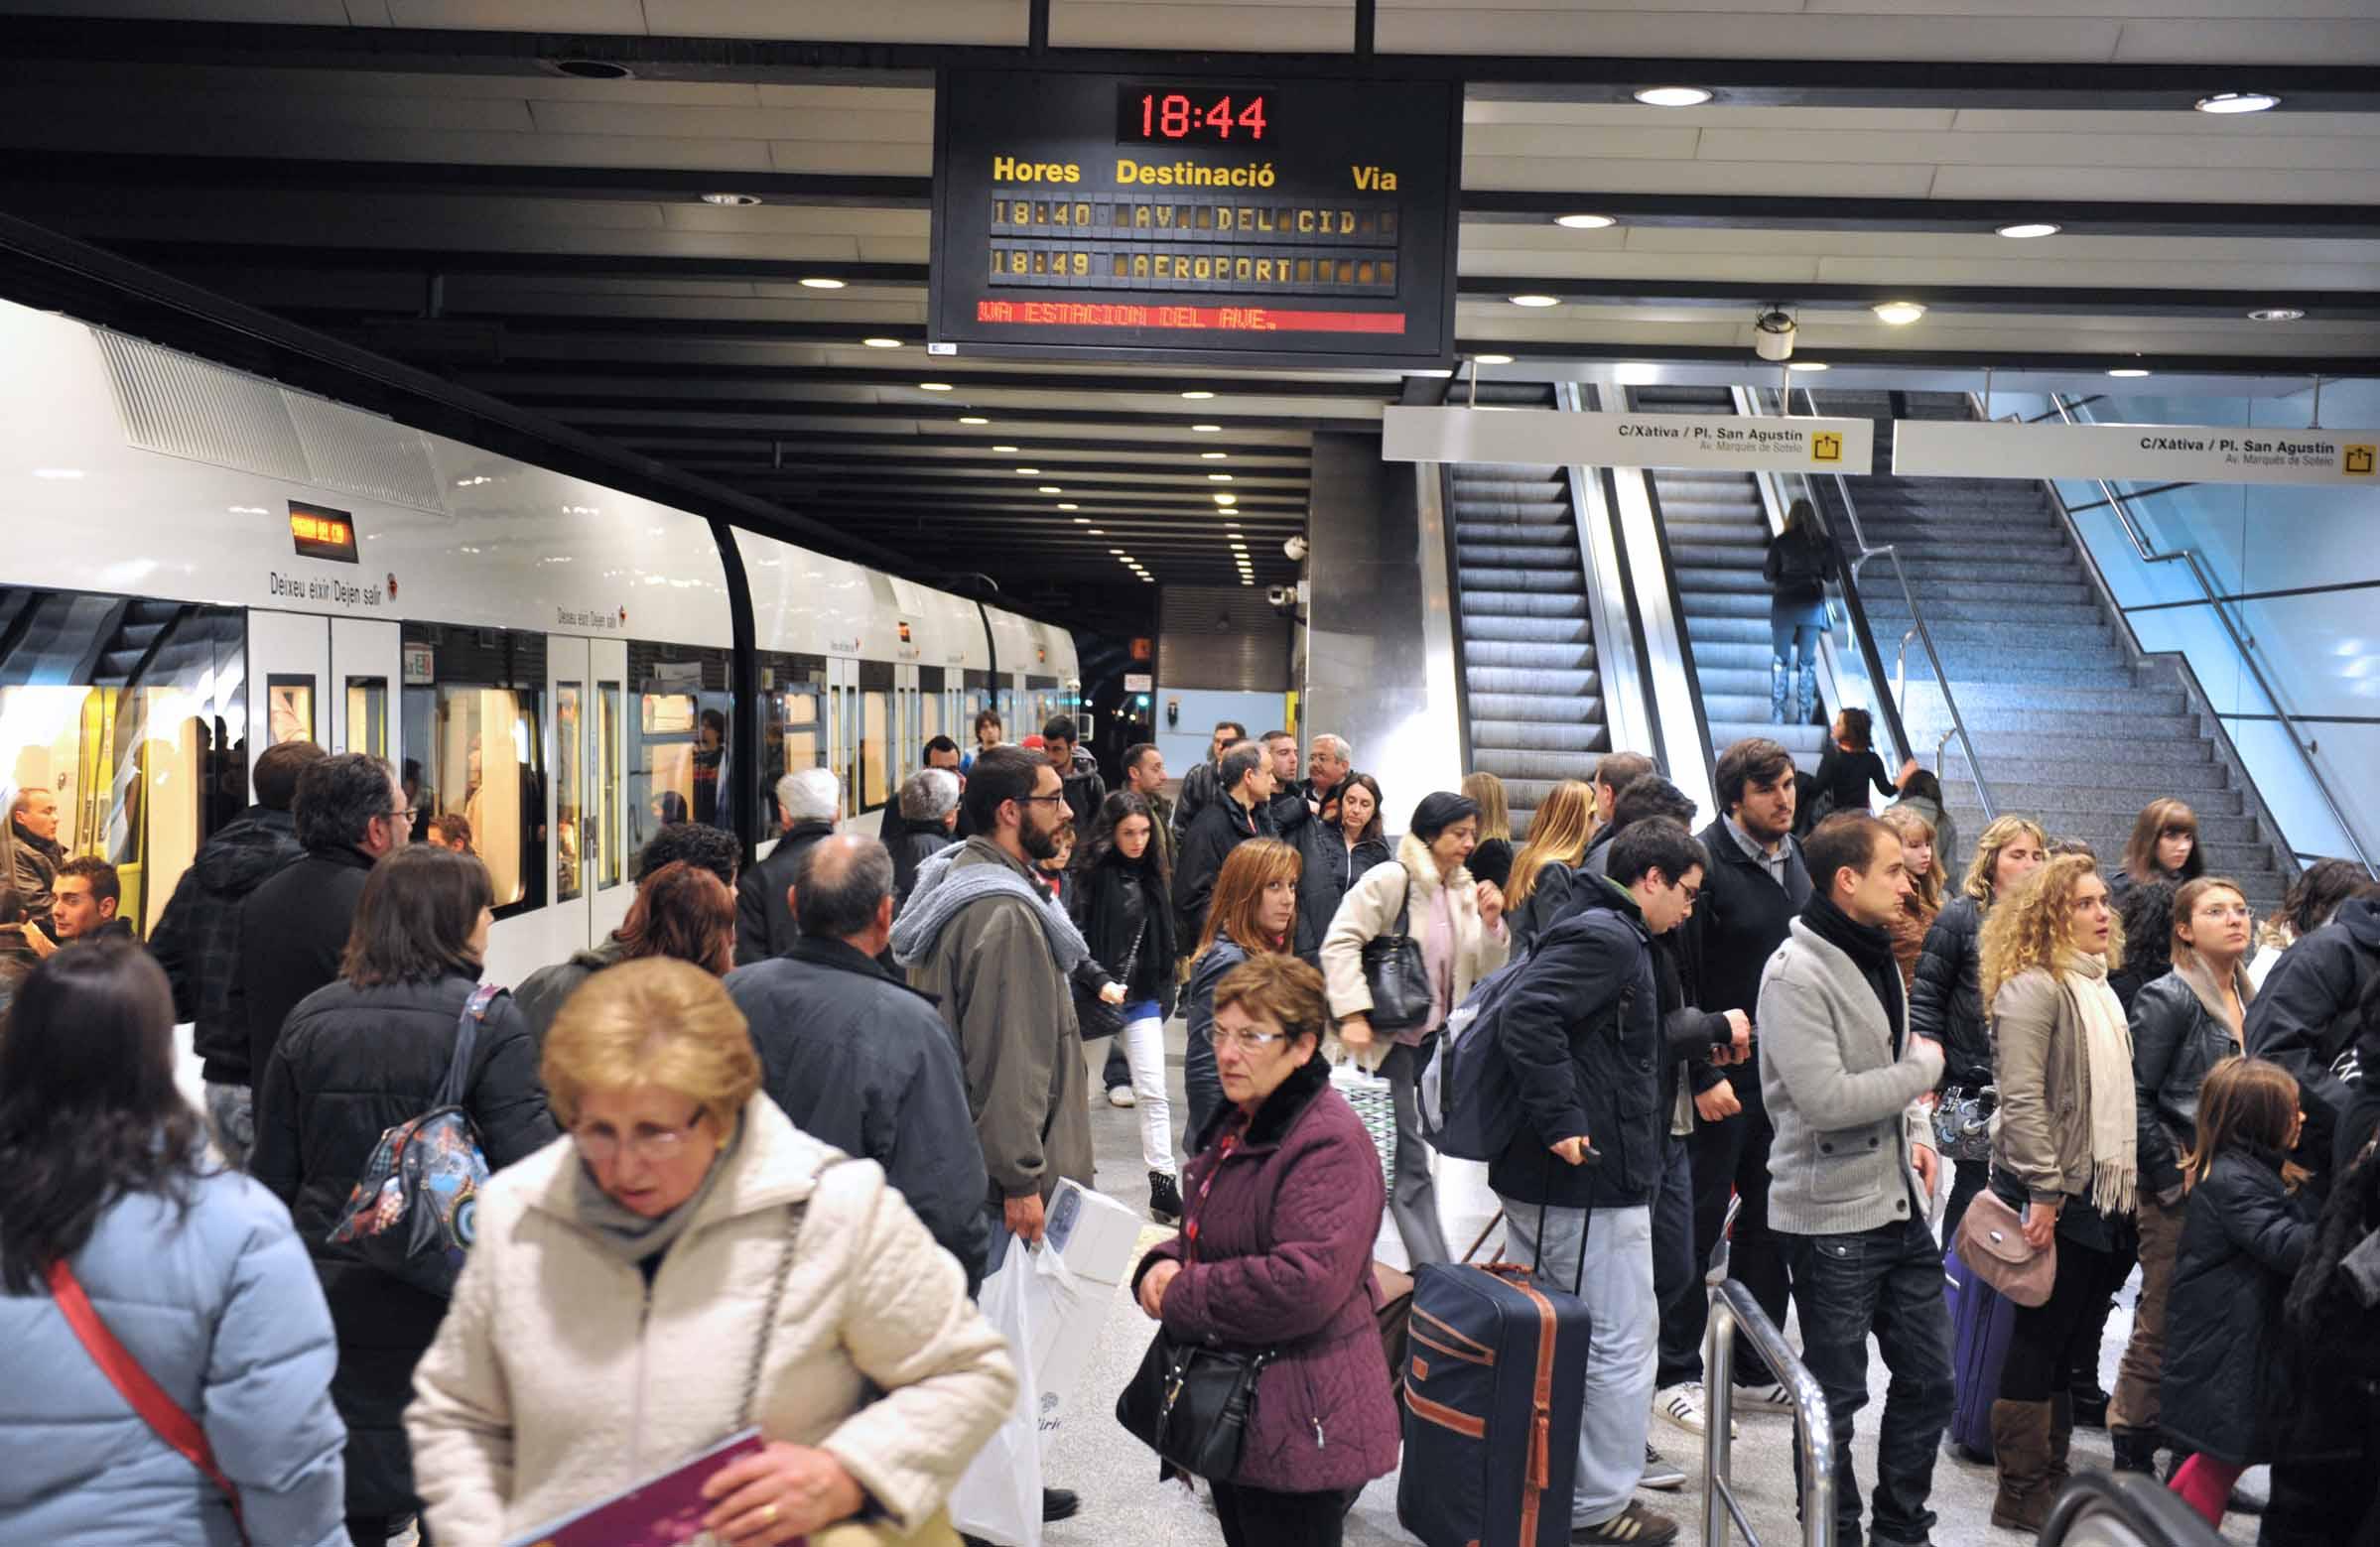 La Generalitat facilitó la movilidad de 5,6 millones de usuarios y usuarias en Metrovalencia durante enero